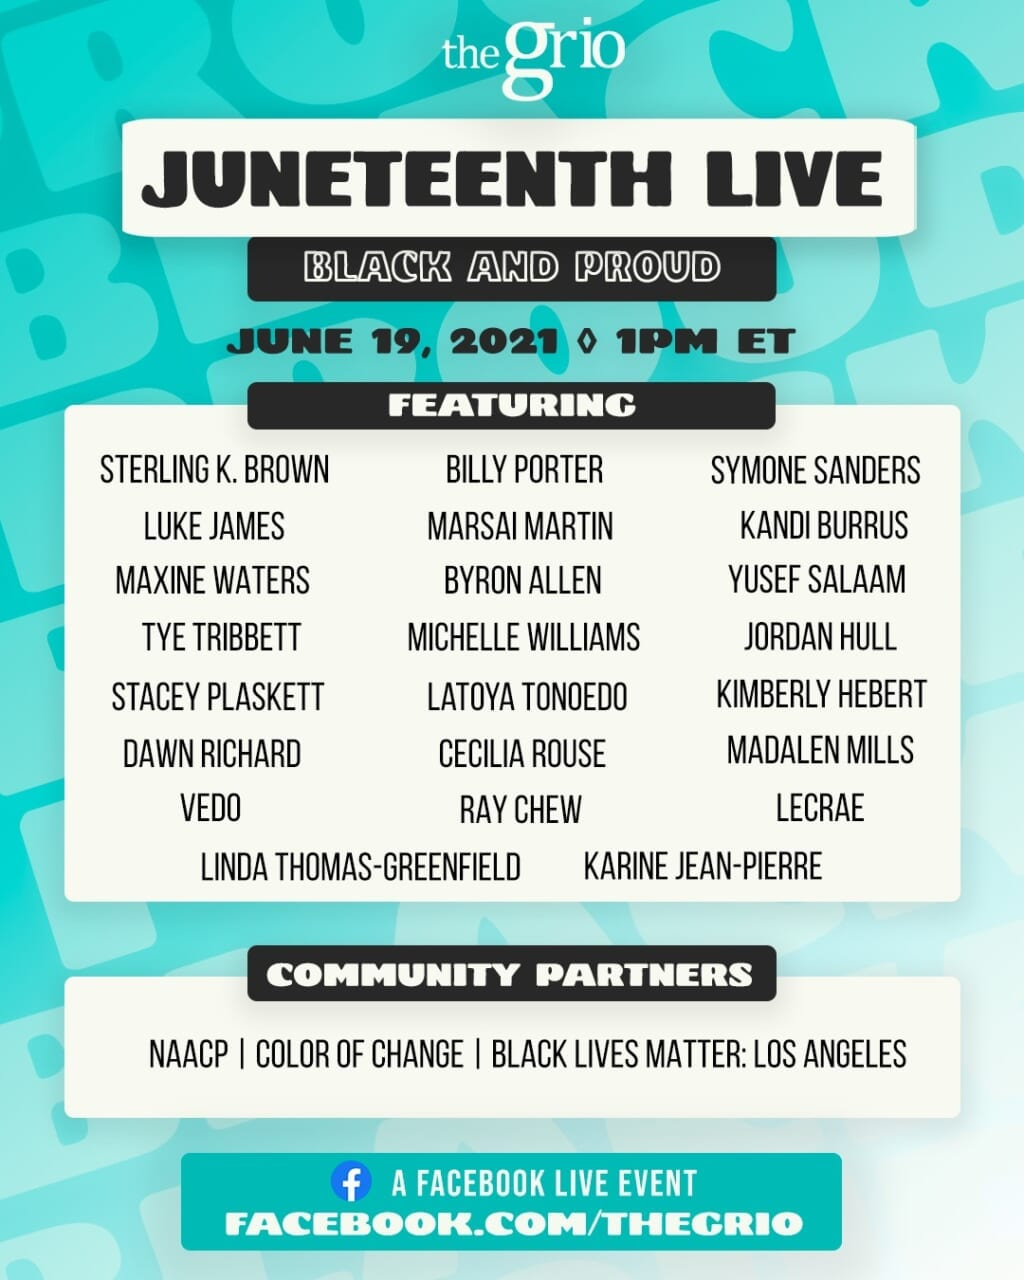 Juneteenth Live thegrio.com